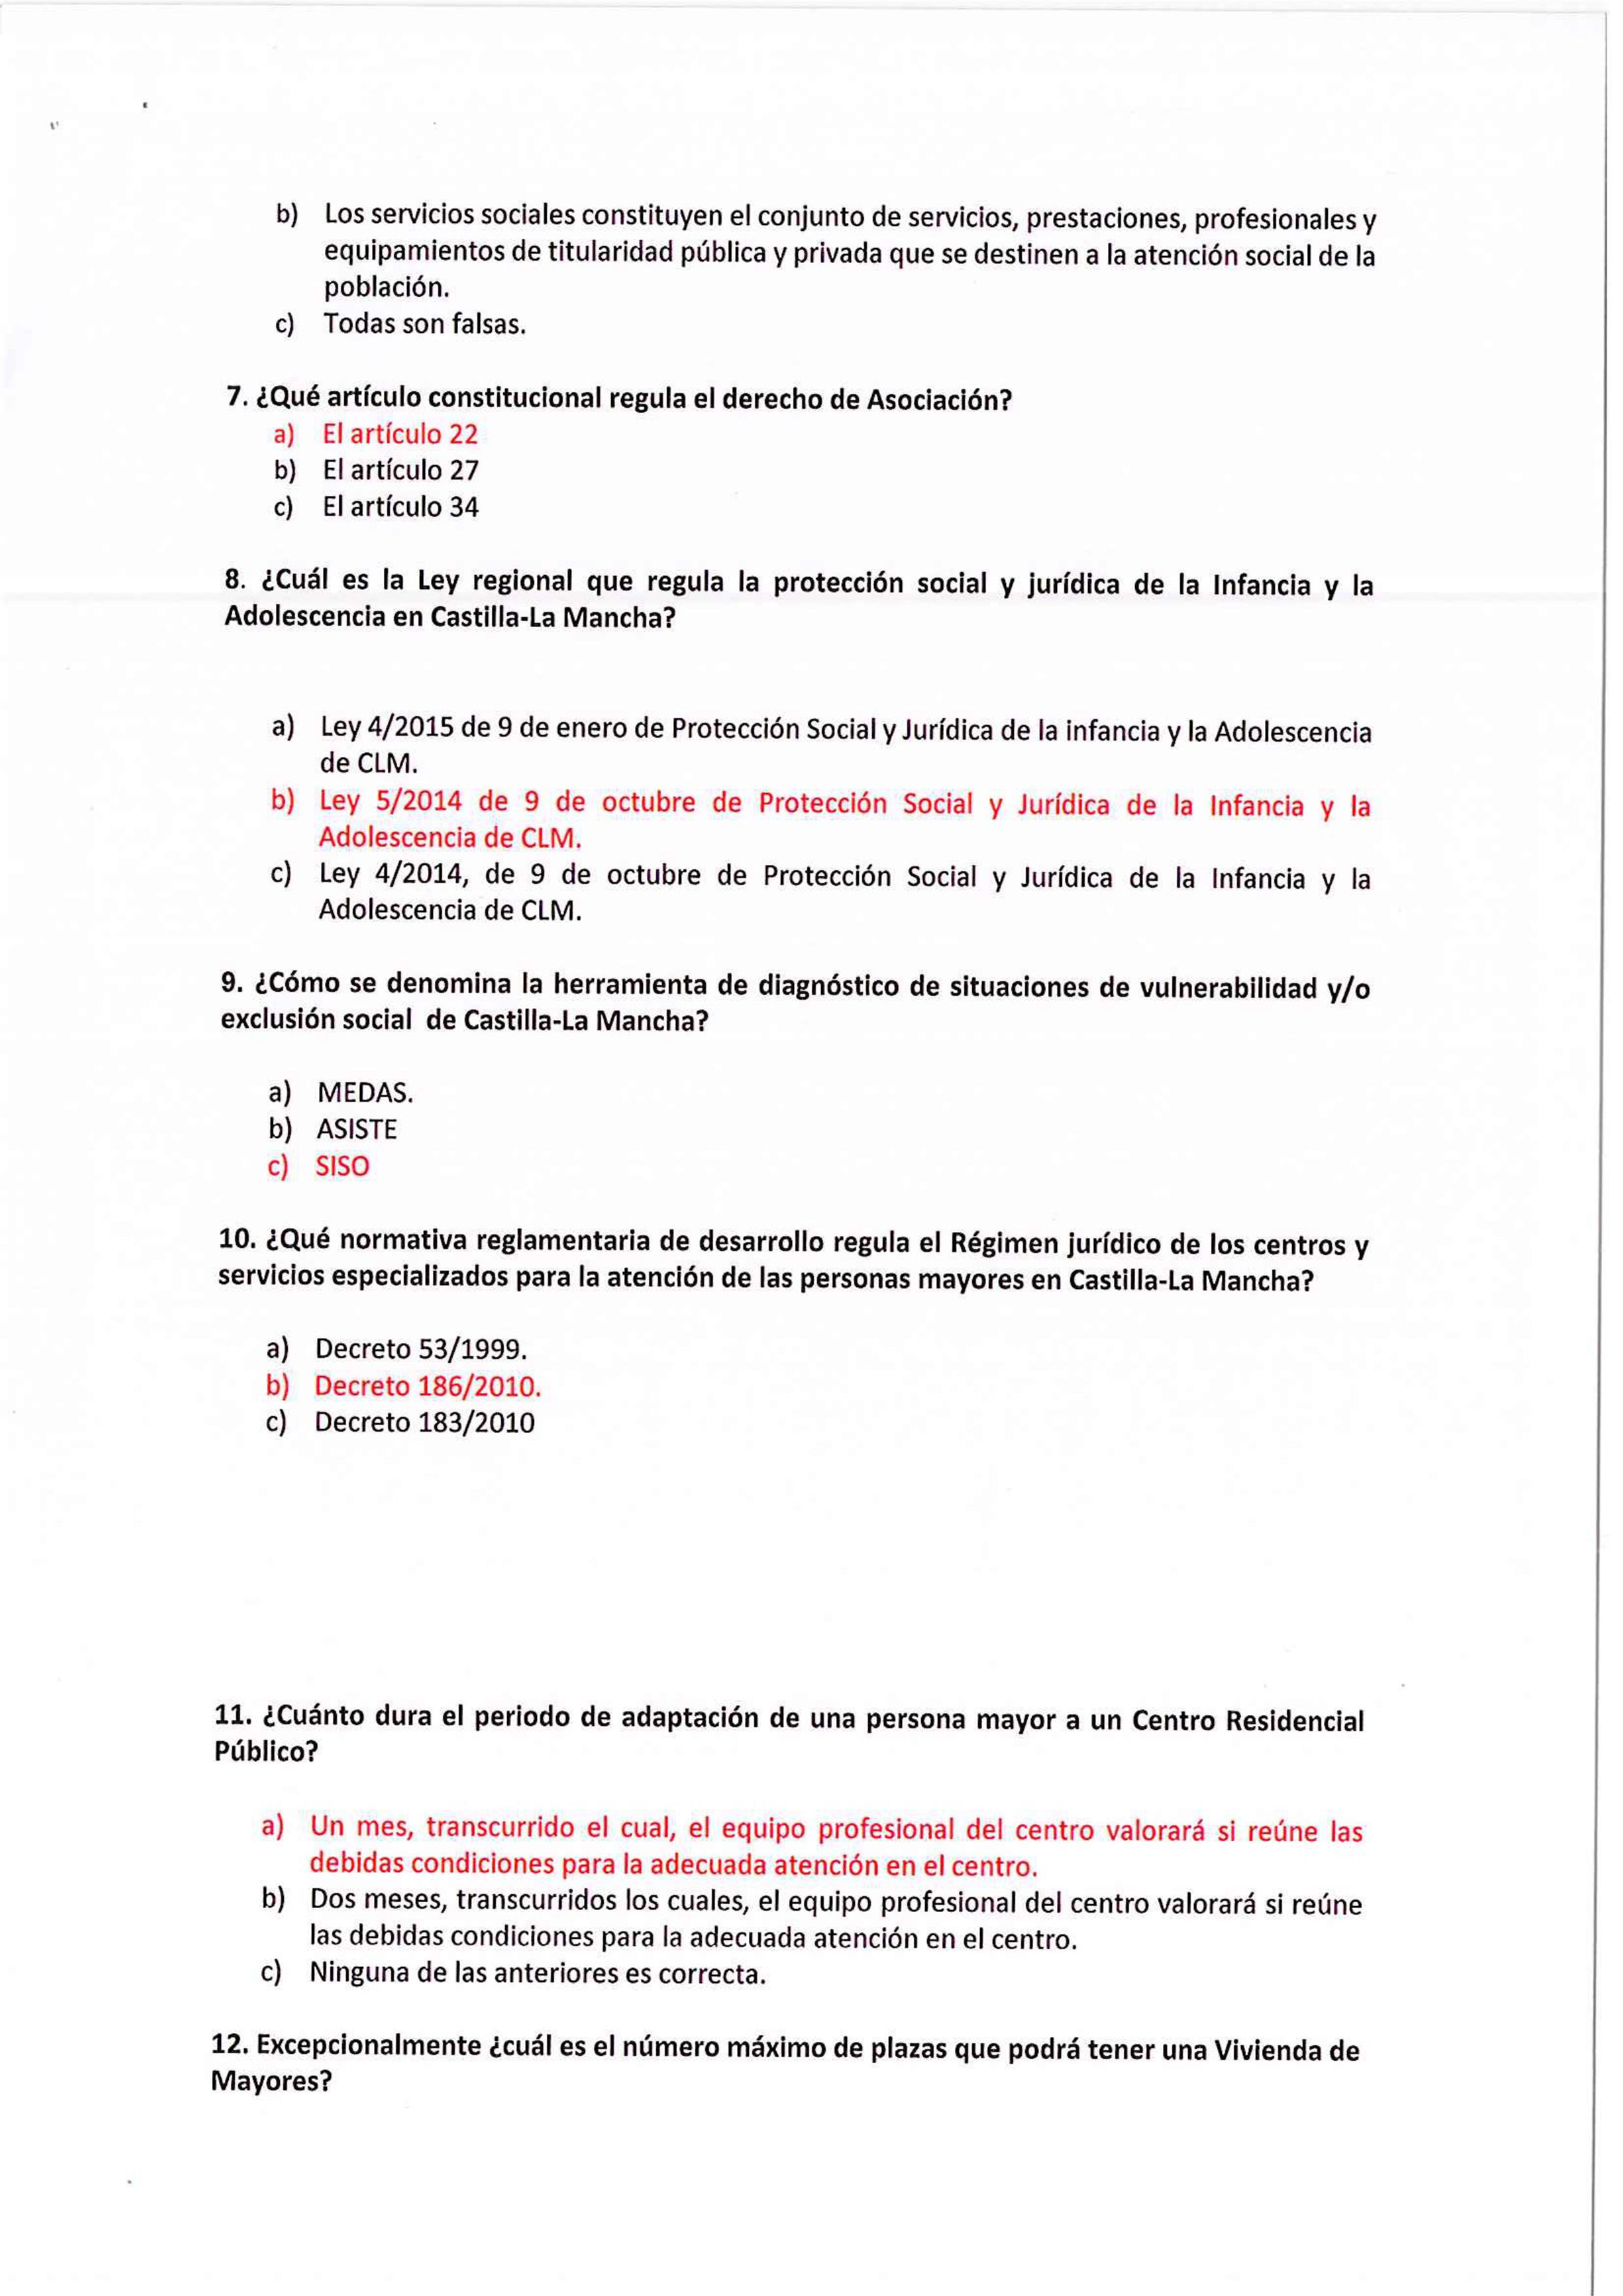 Calendario Examenes Derecho Us.Resultados Examen Trabajador Social Ayuntamiento De San Bartolome